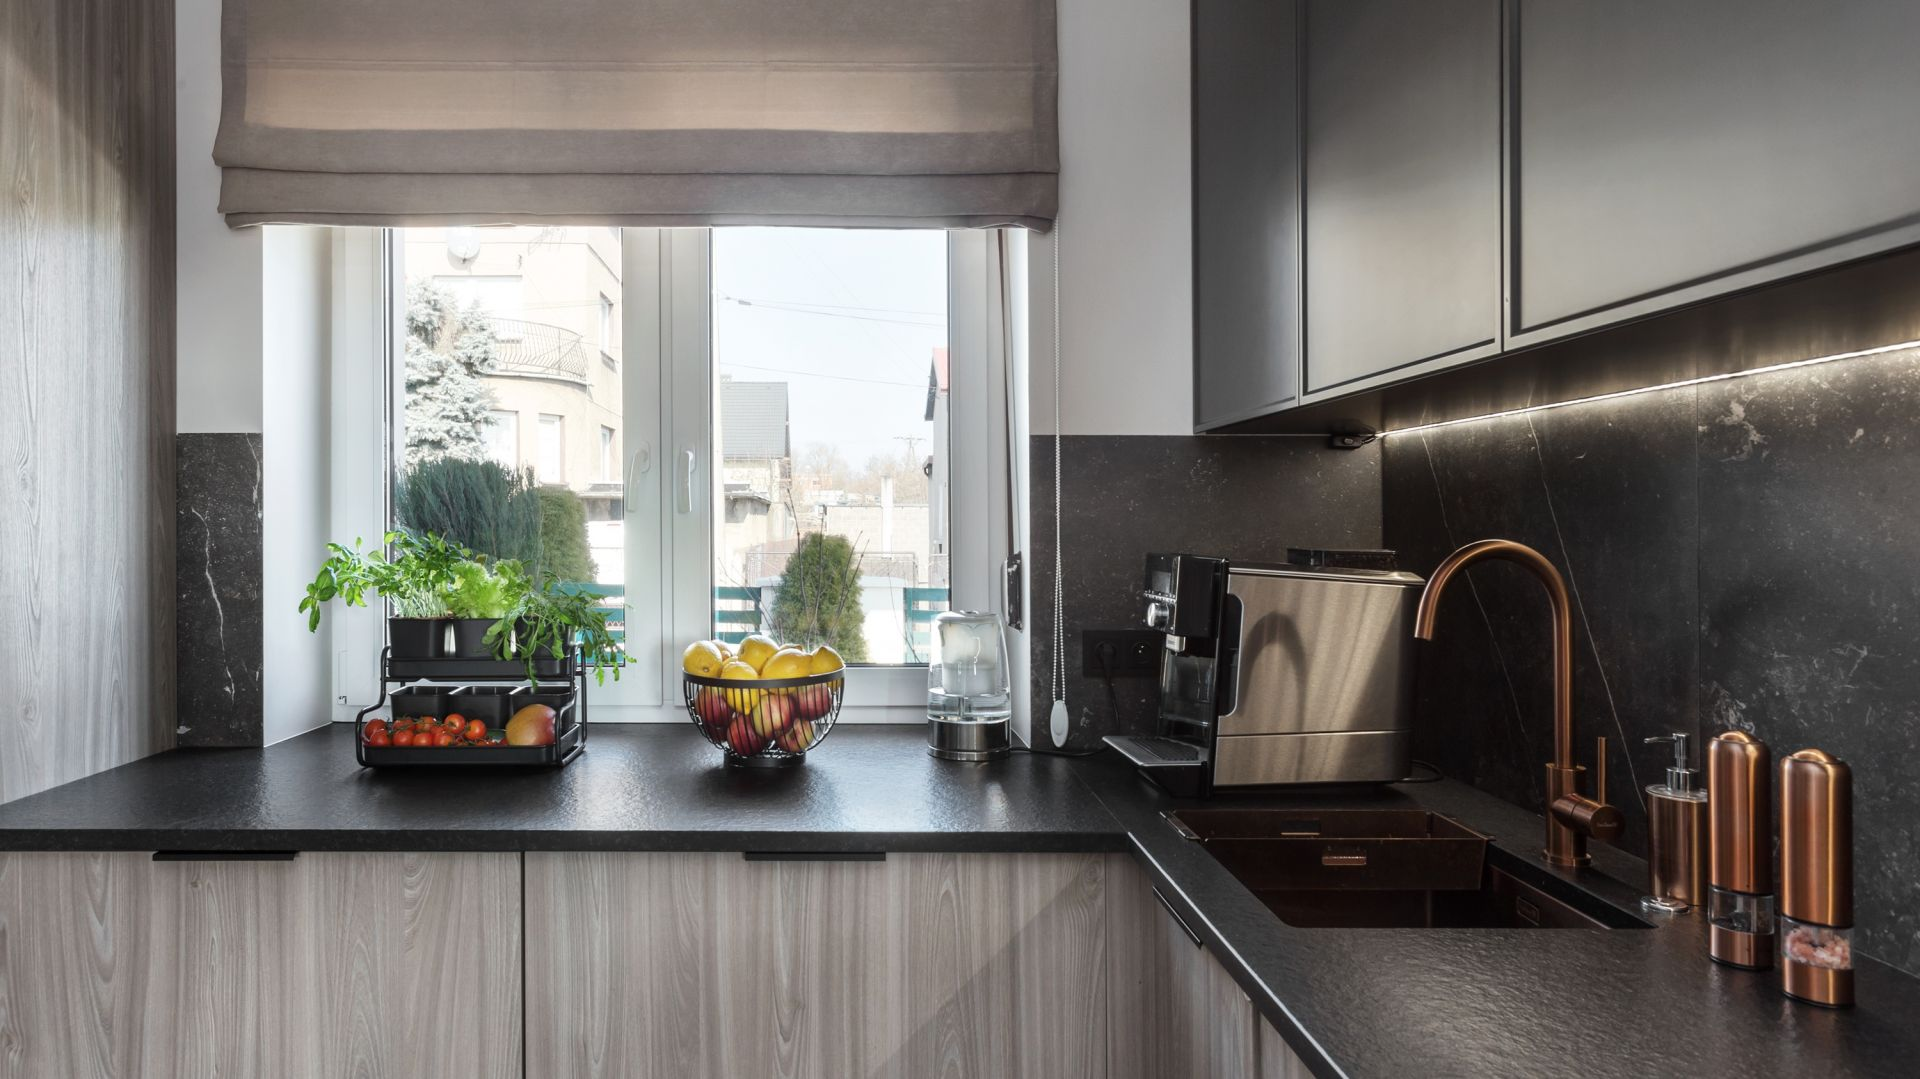 Jakie uchwyty sprawdzą się w modnej kuchni? Dobre pomysły, świetne zdjęcia. Projekt Katarzyna Maciejewska. Fot. Dekorialove